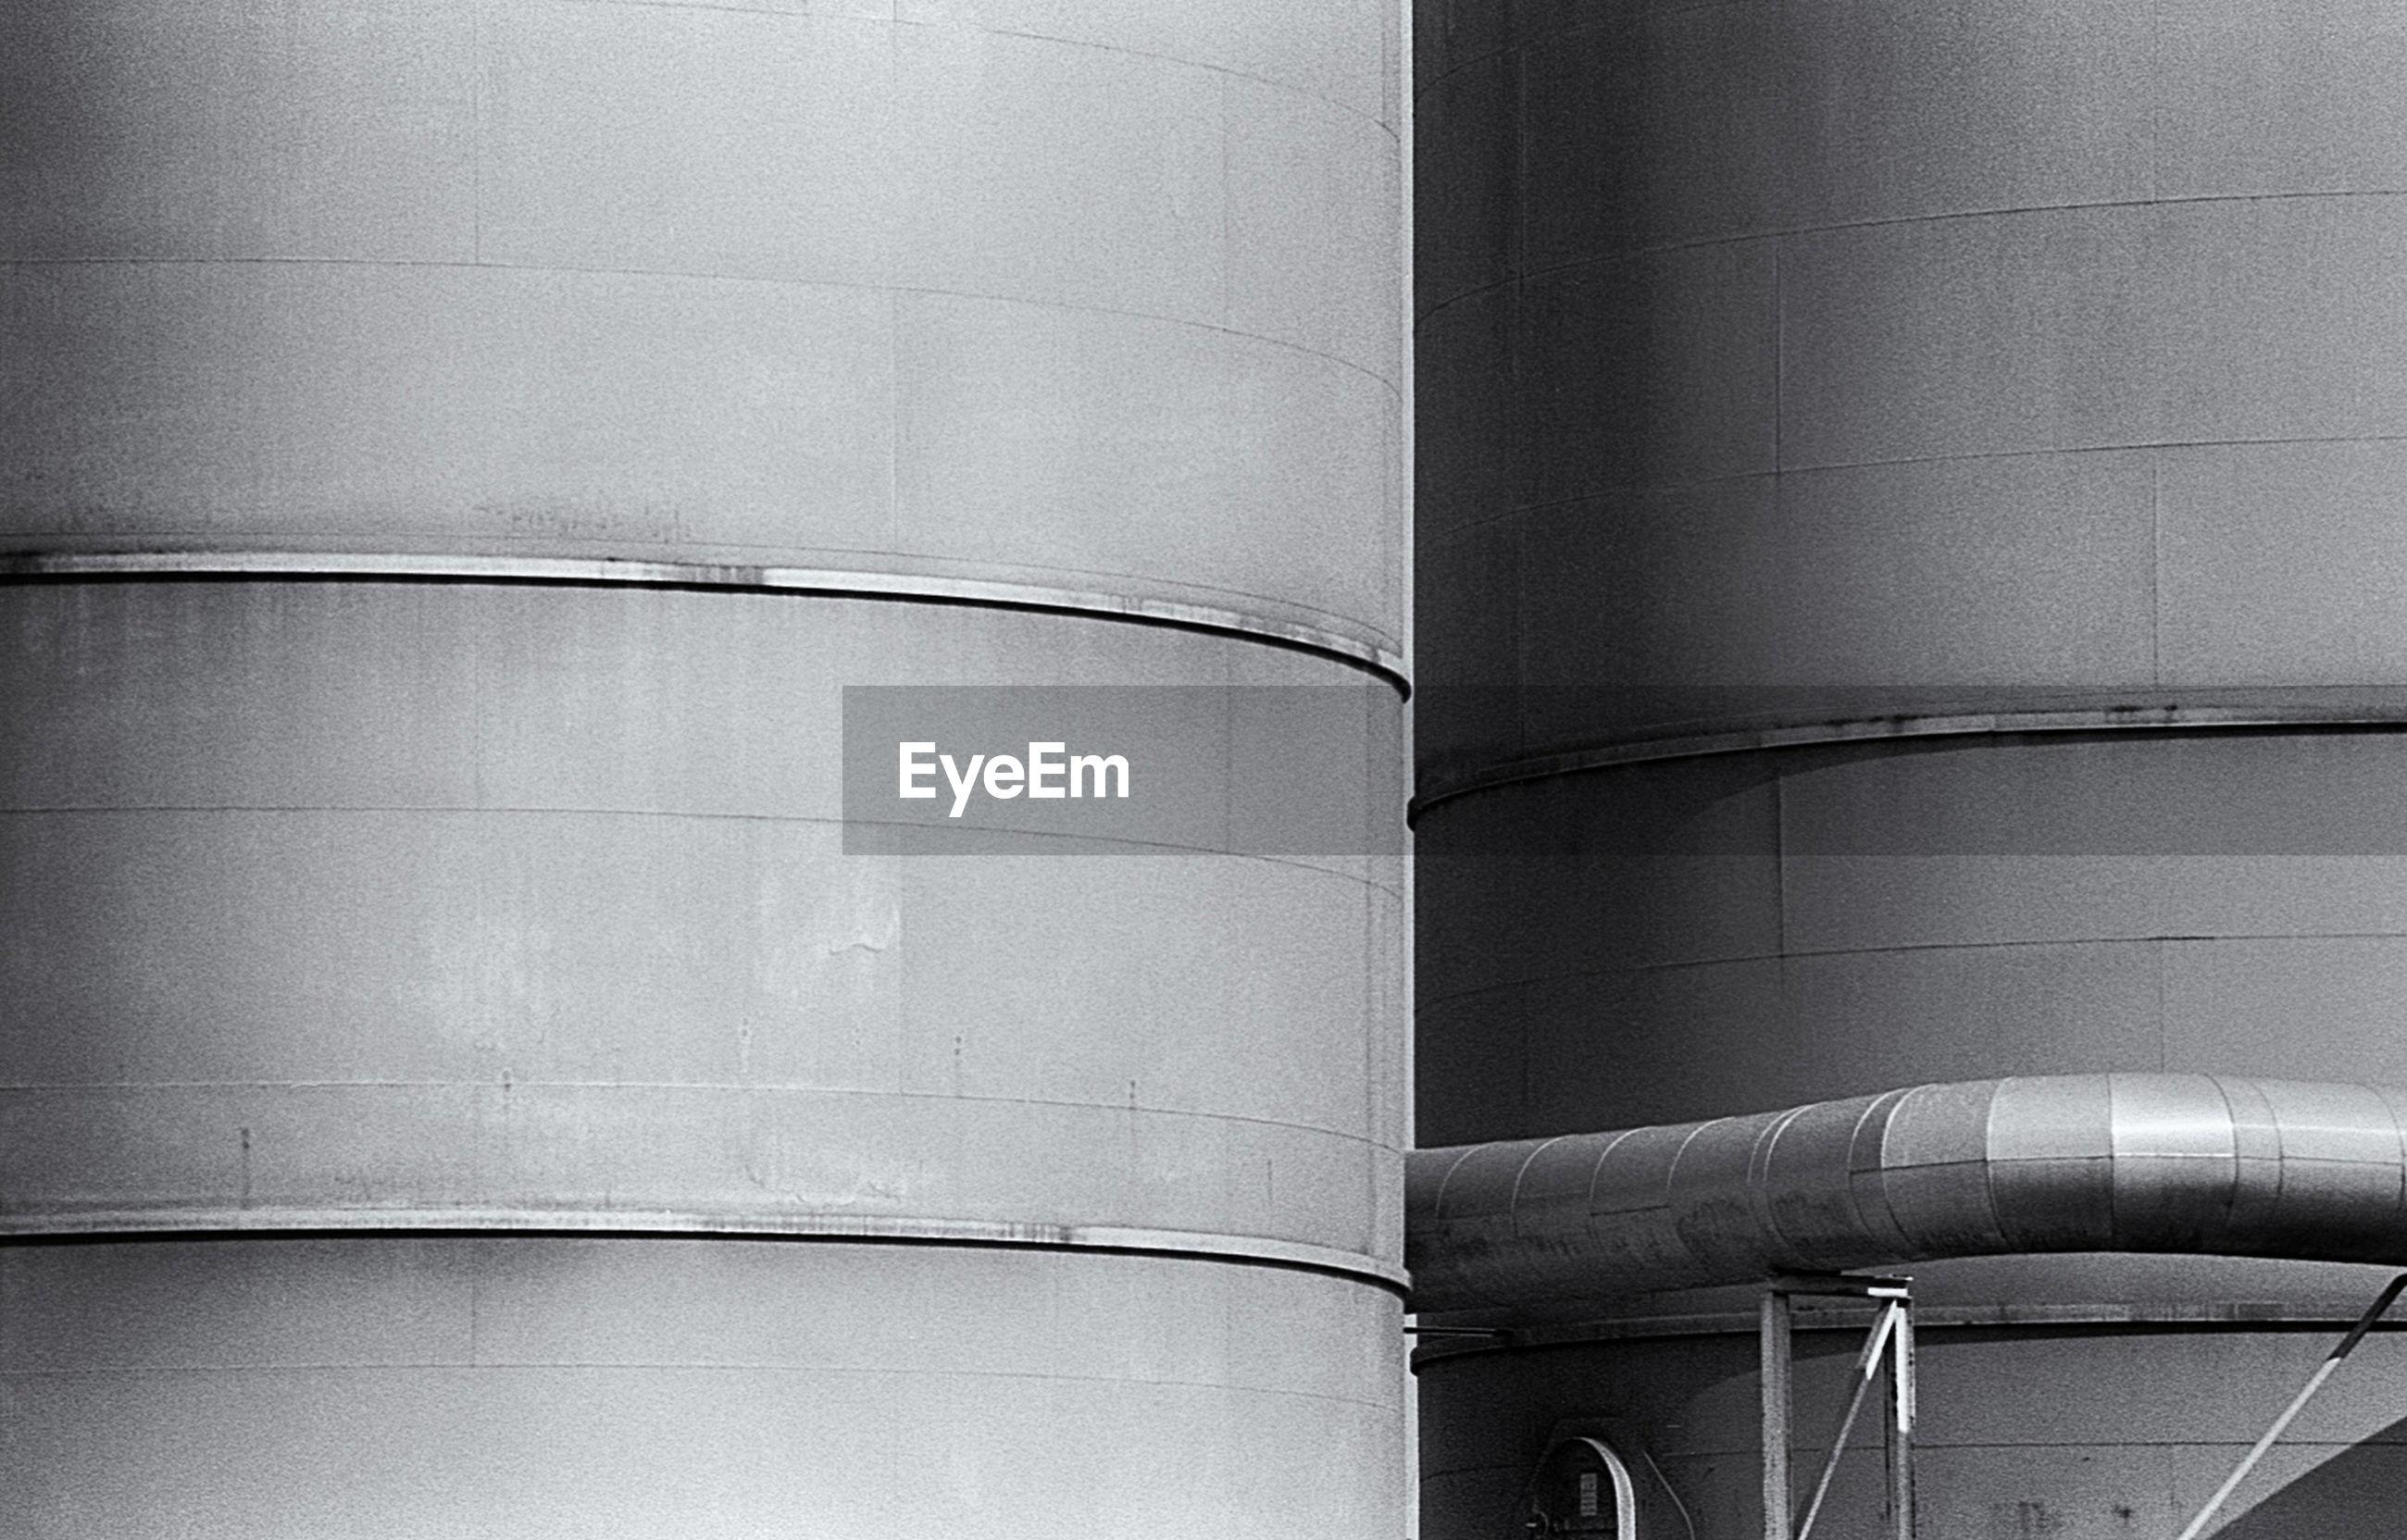 Full frame shot of silos